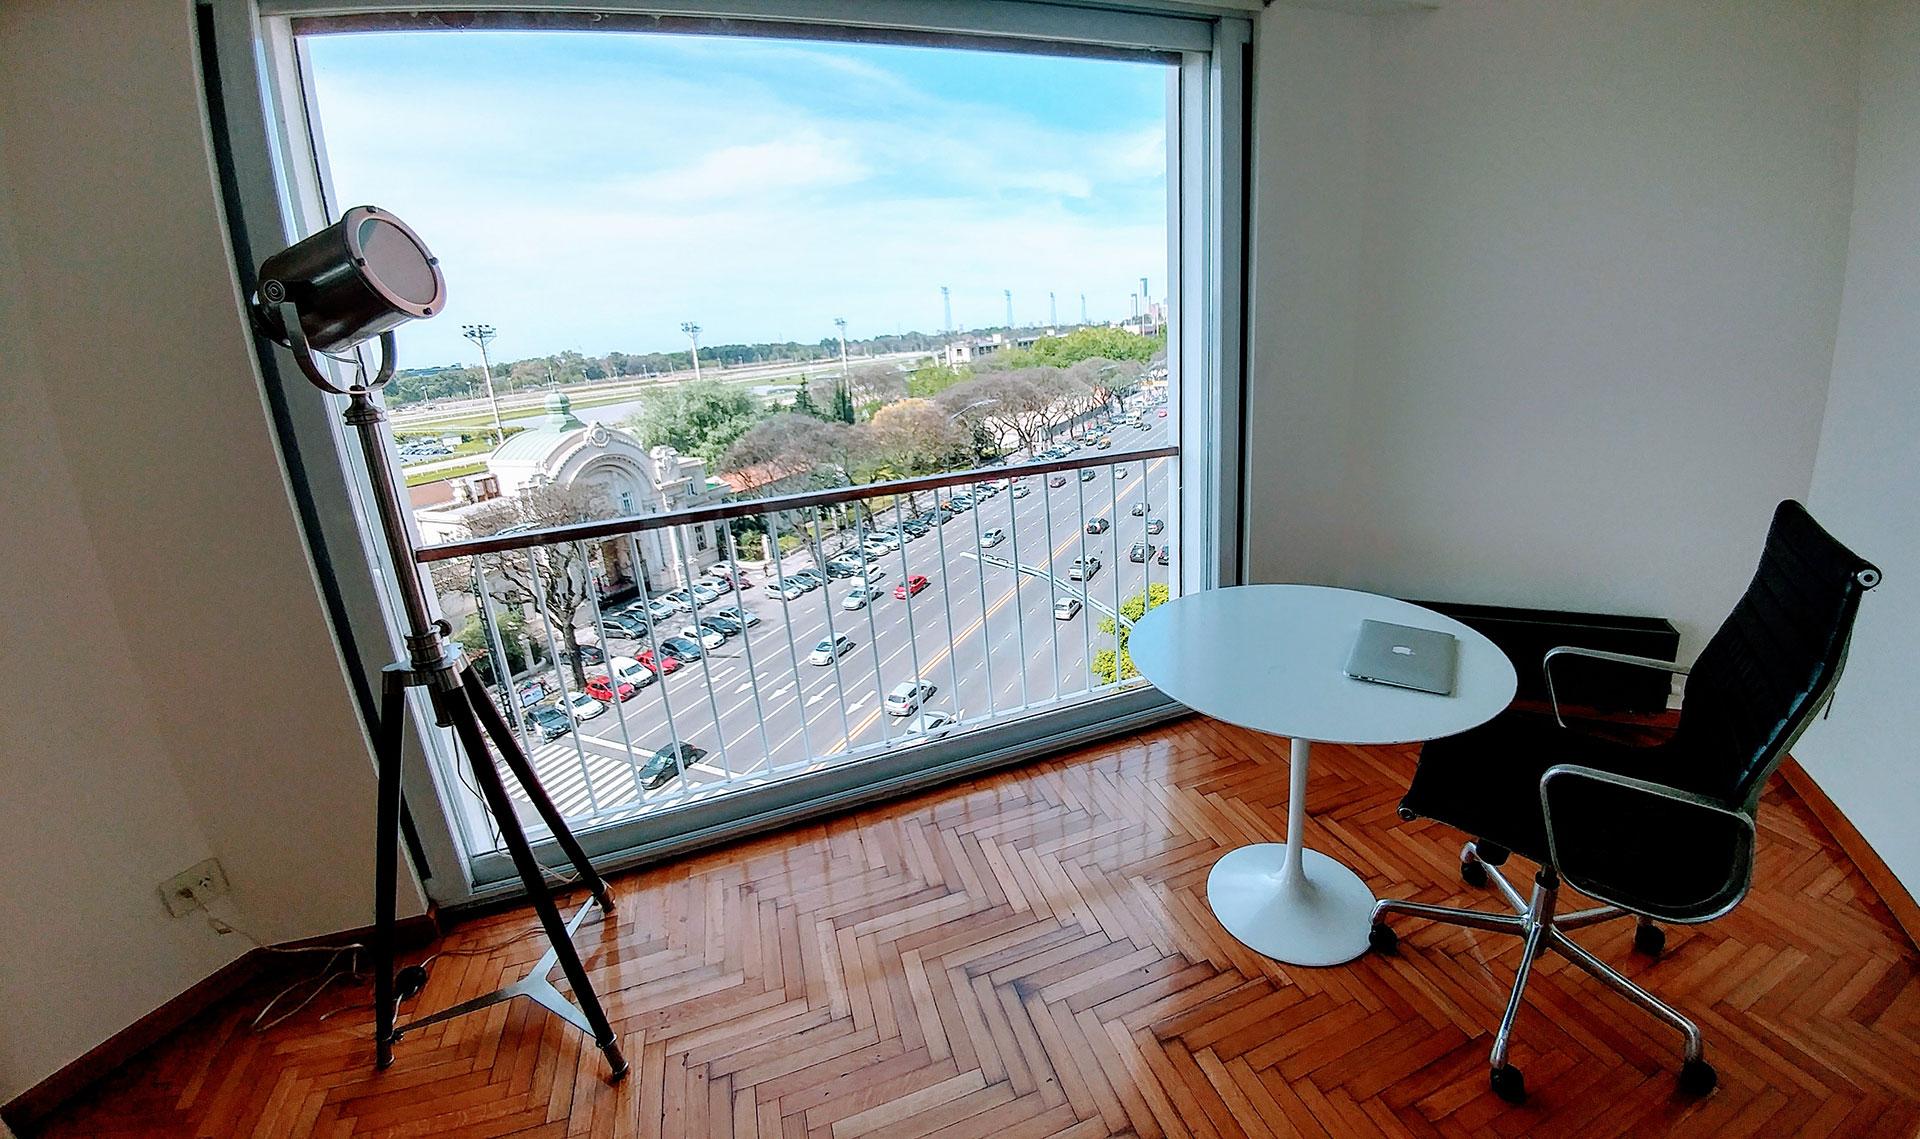 Diseño interior y reforma, ideas deco, mesa Saarinen blanca y sillón Eames de aluminio y cuero negro